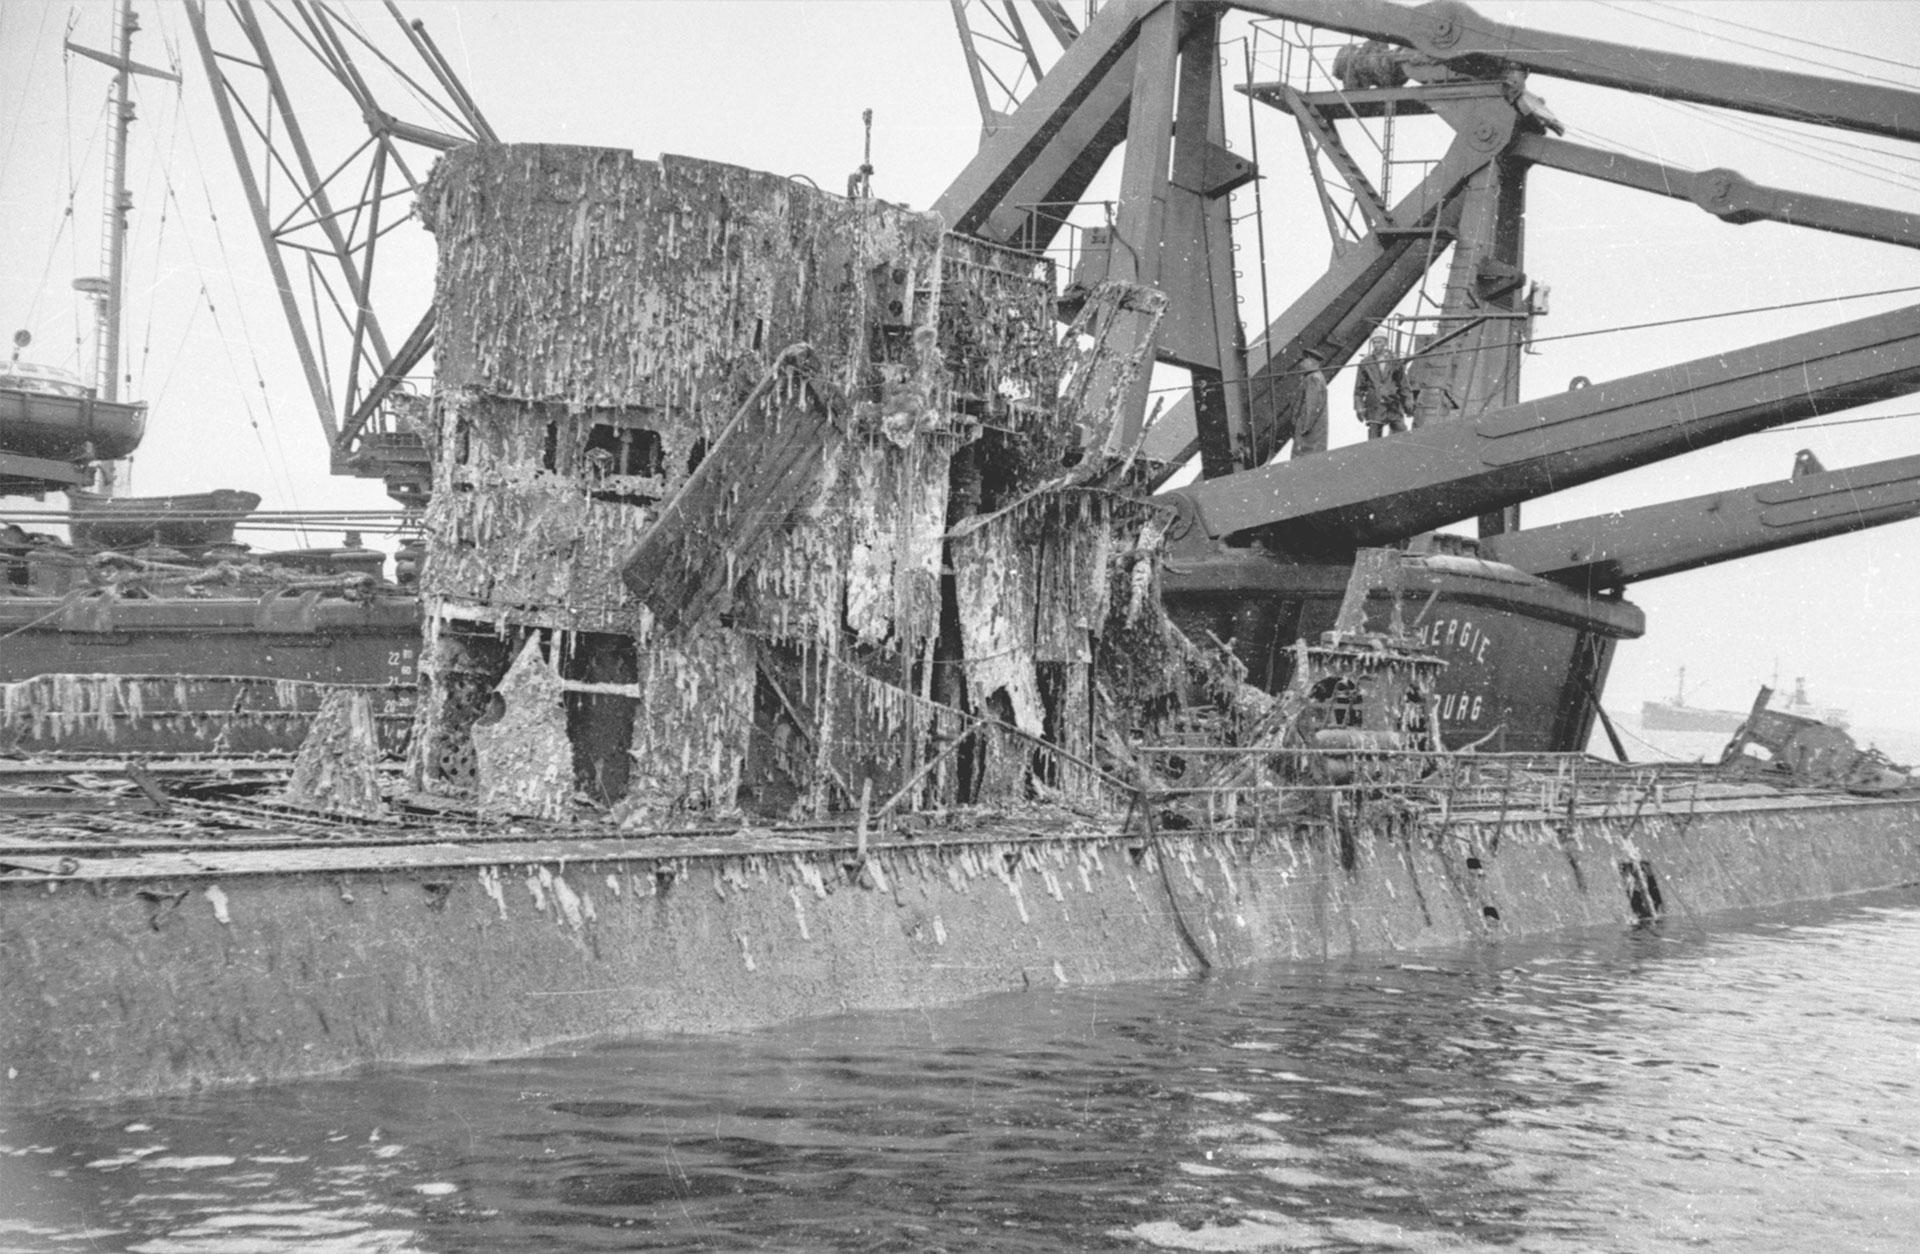 Ett ubåtsvrak har lyfts till ytan av kranar från ett annat fartyg.